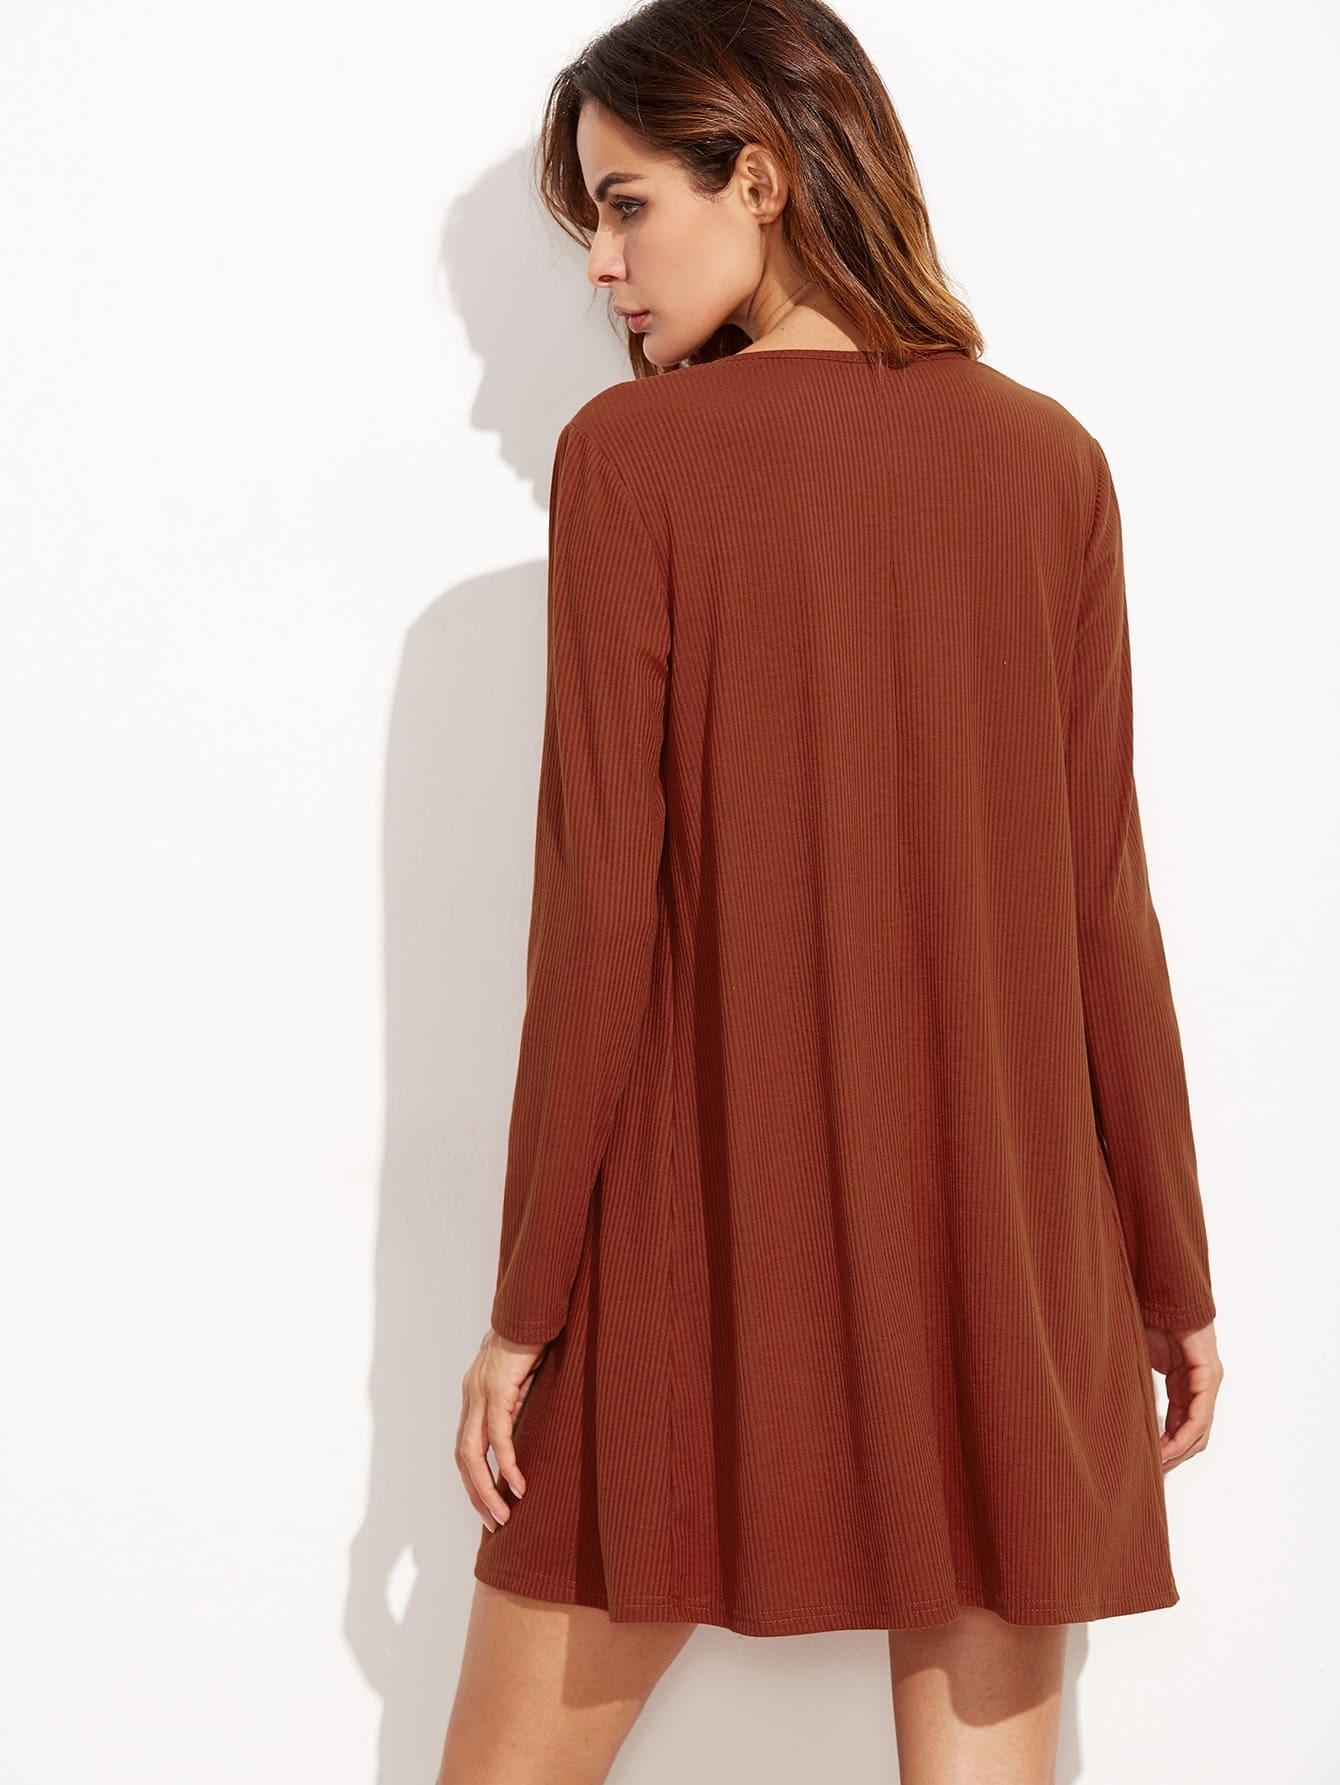 dress160901703_2